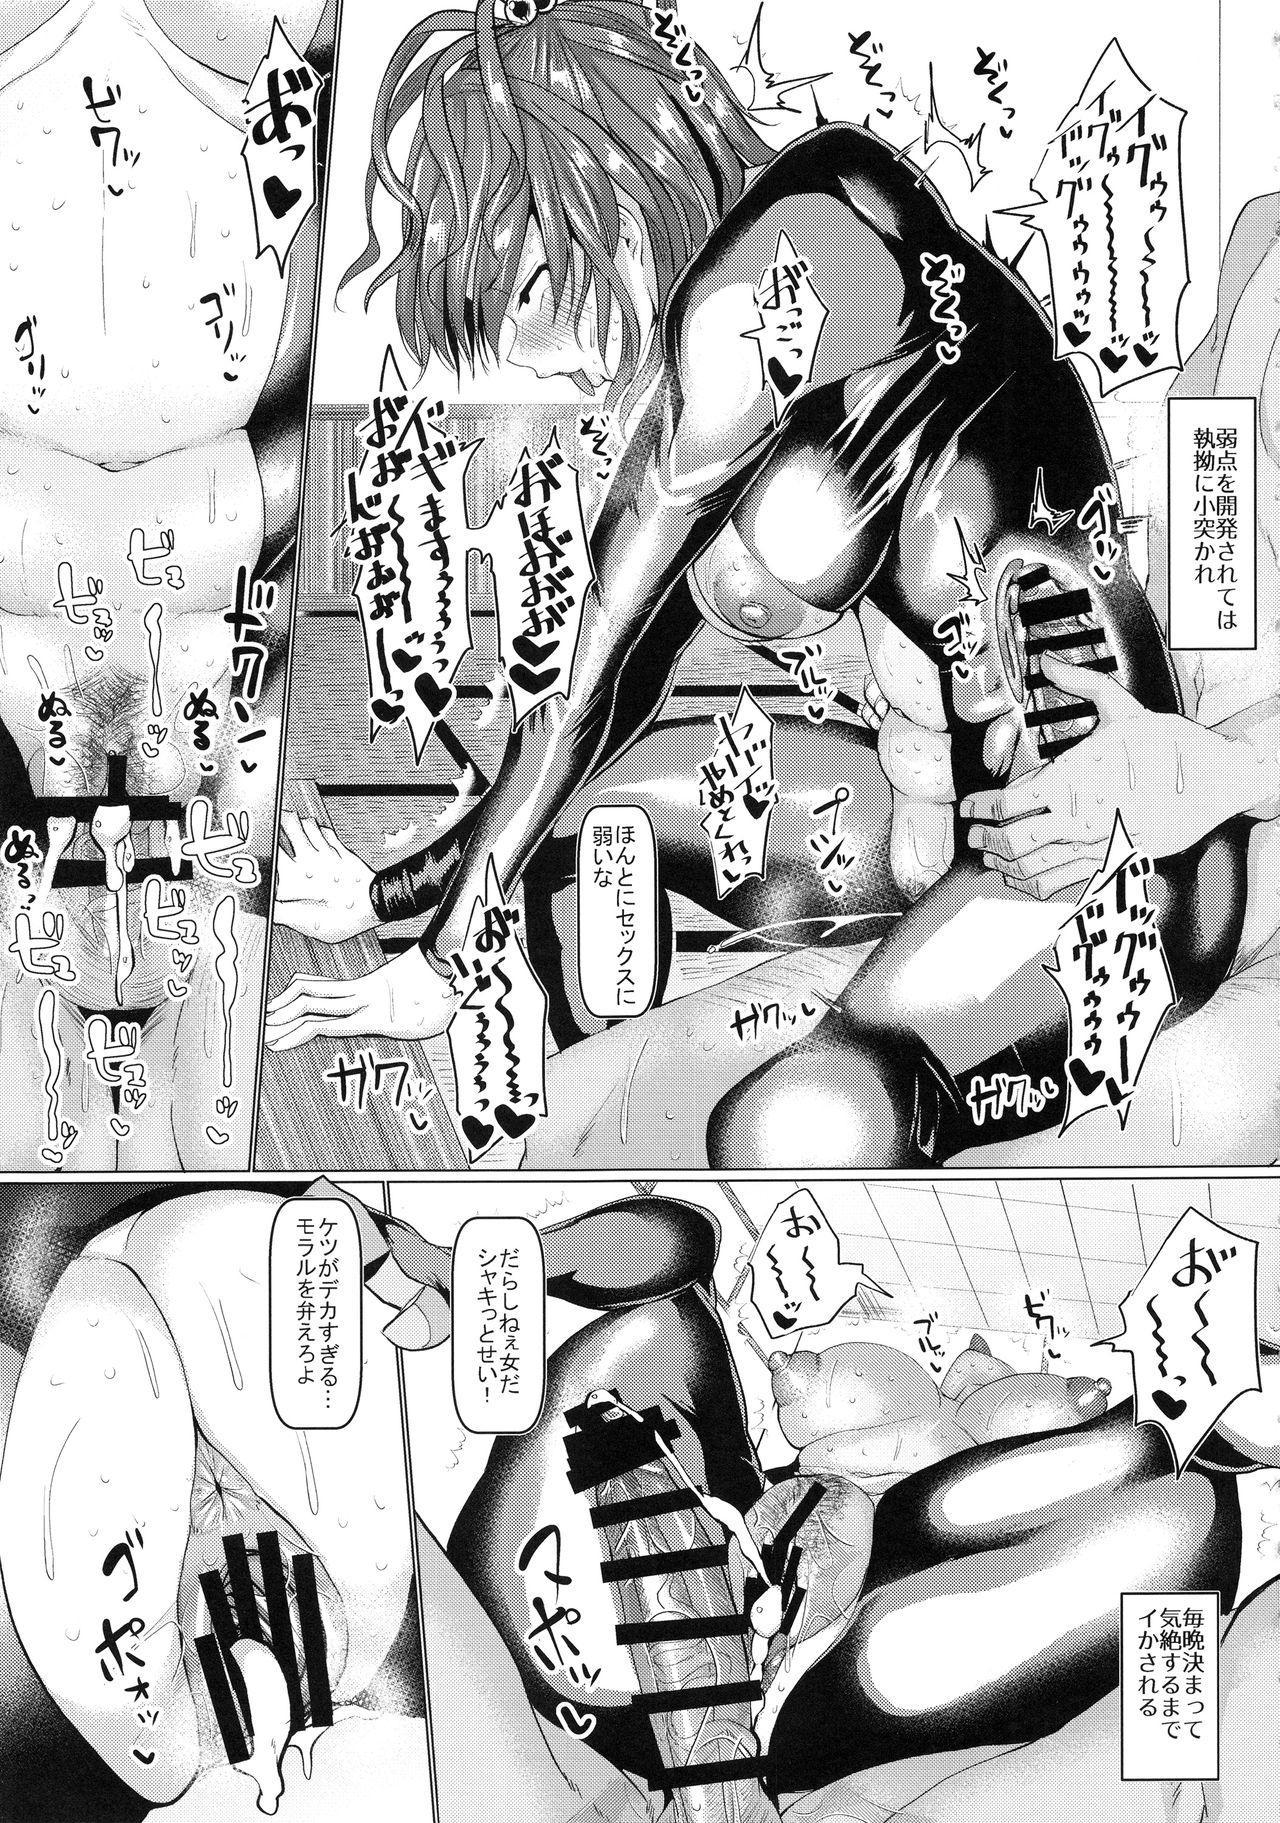 Saimin de Shinigami no Maso Mesu o Abake!! 18